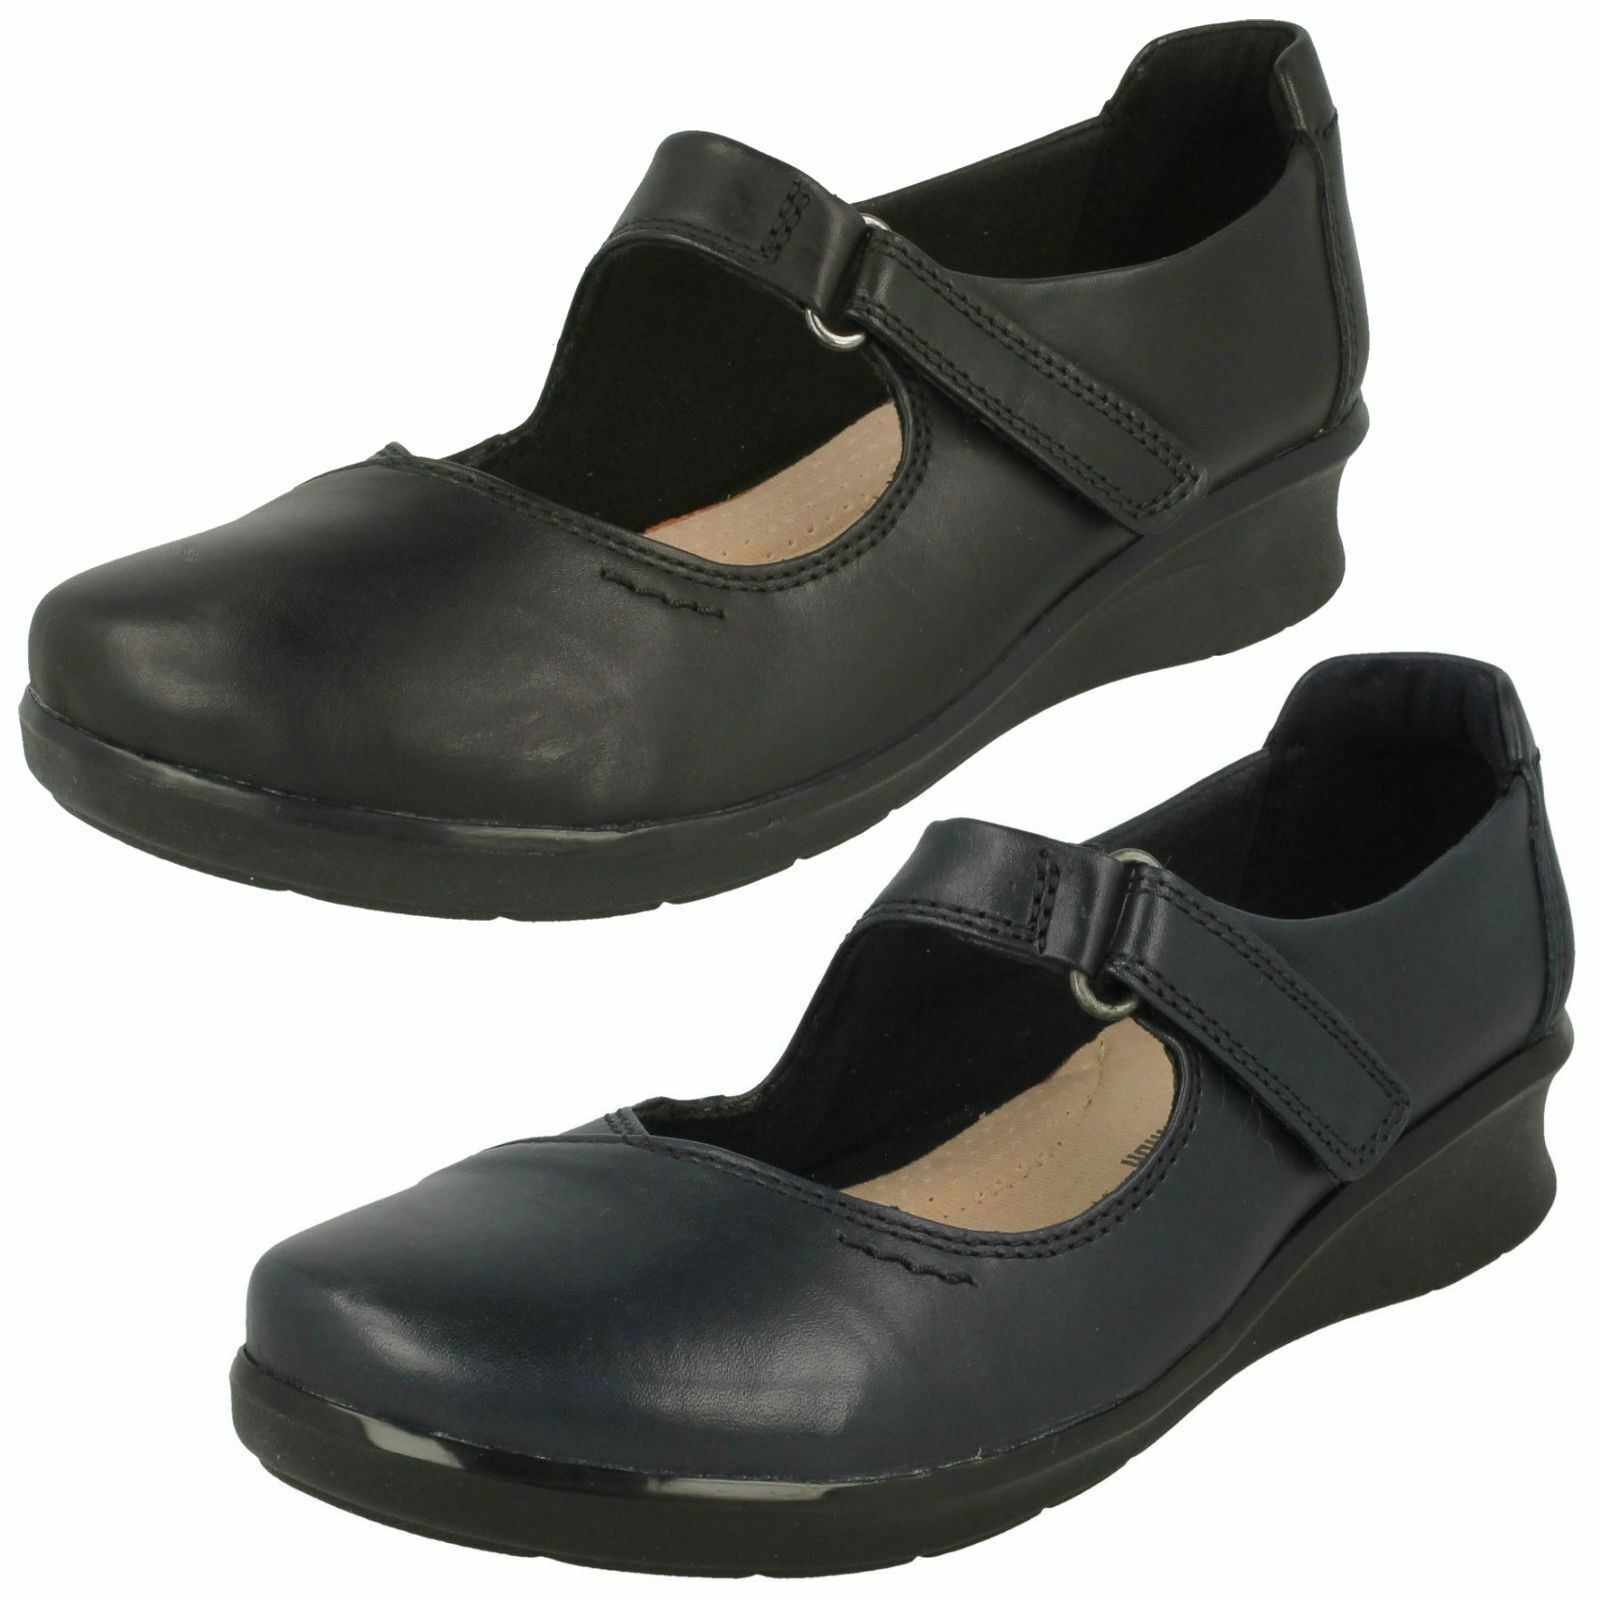 Damas Clarks Cuero Bajo Cuña Mary Jane Zapatos Zapatos Zapatos Casuales Bar esperanza Henley de Ancho Talla  Disfruta de un 50% de descuento.